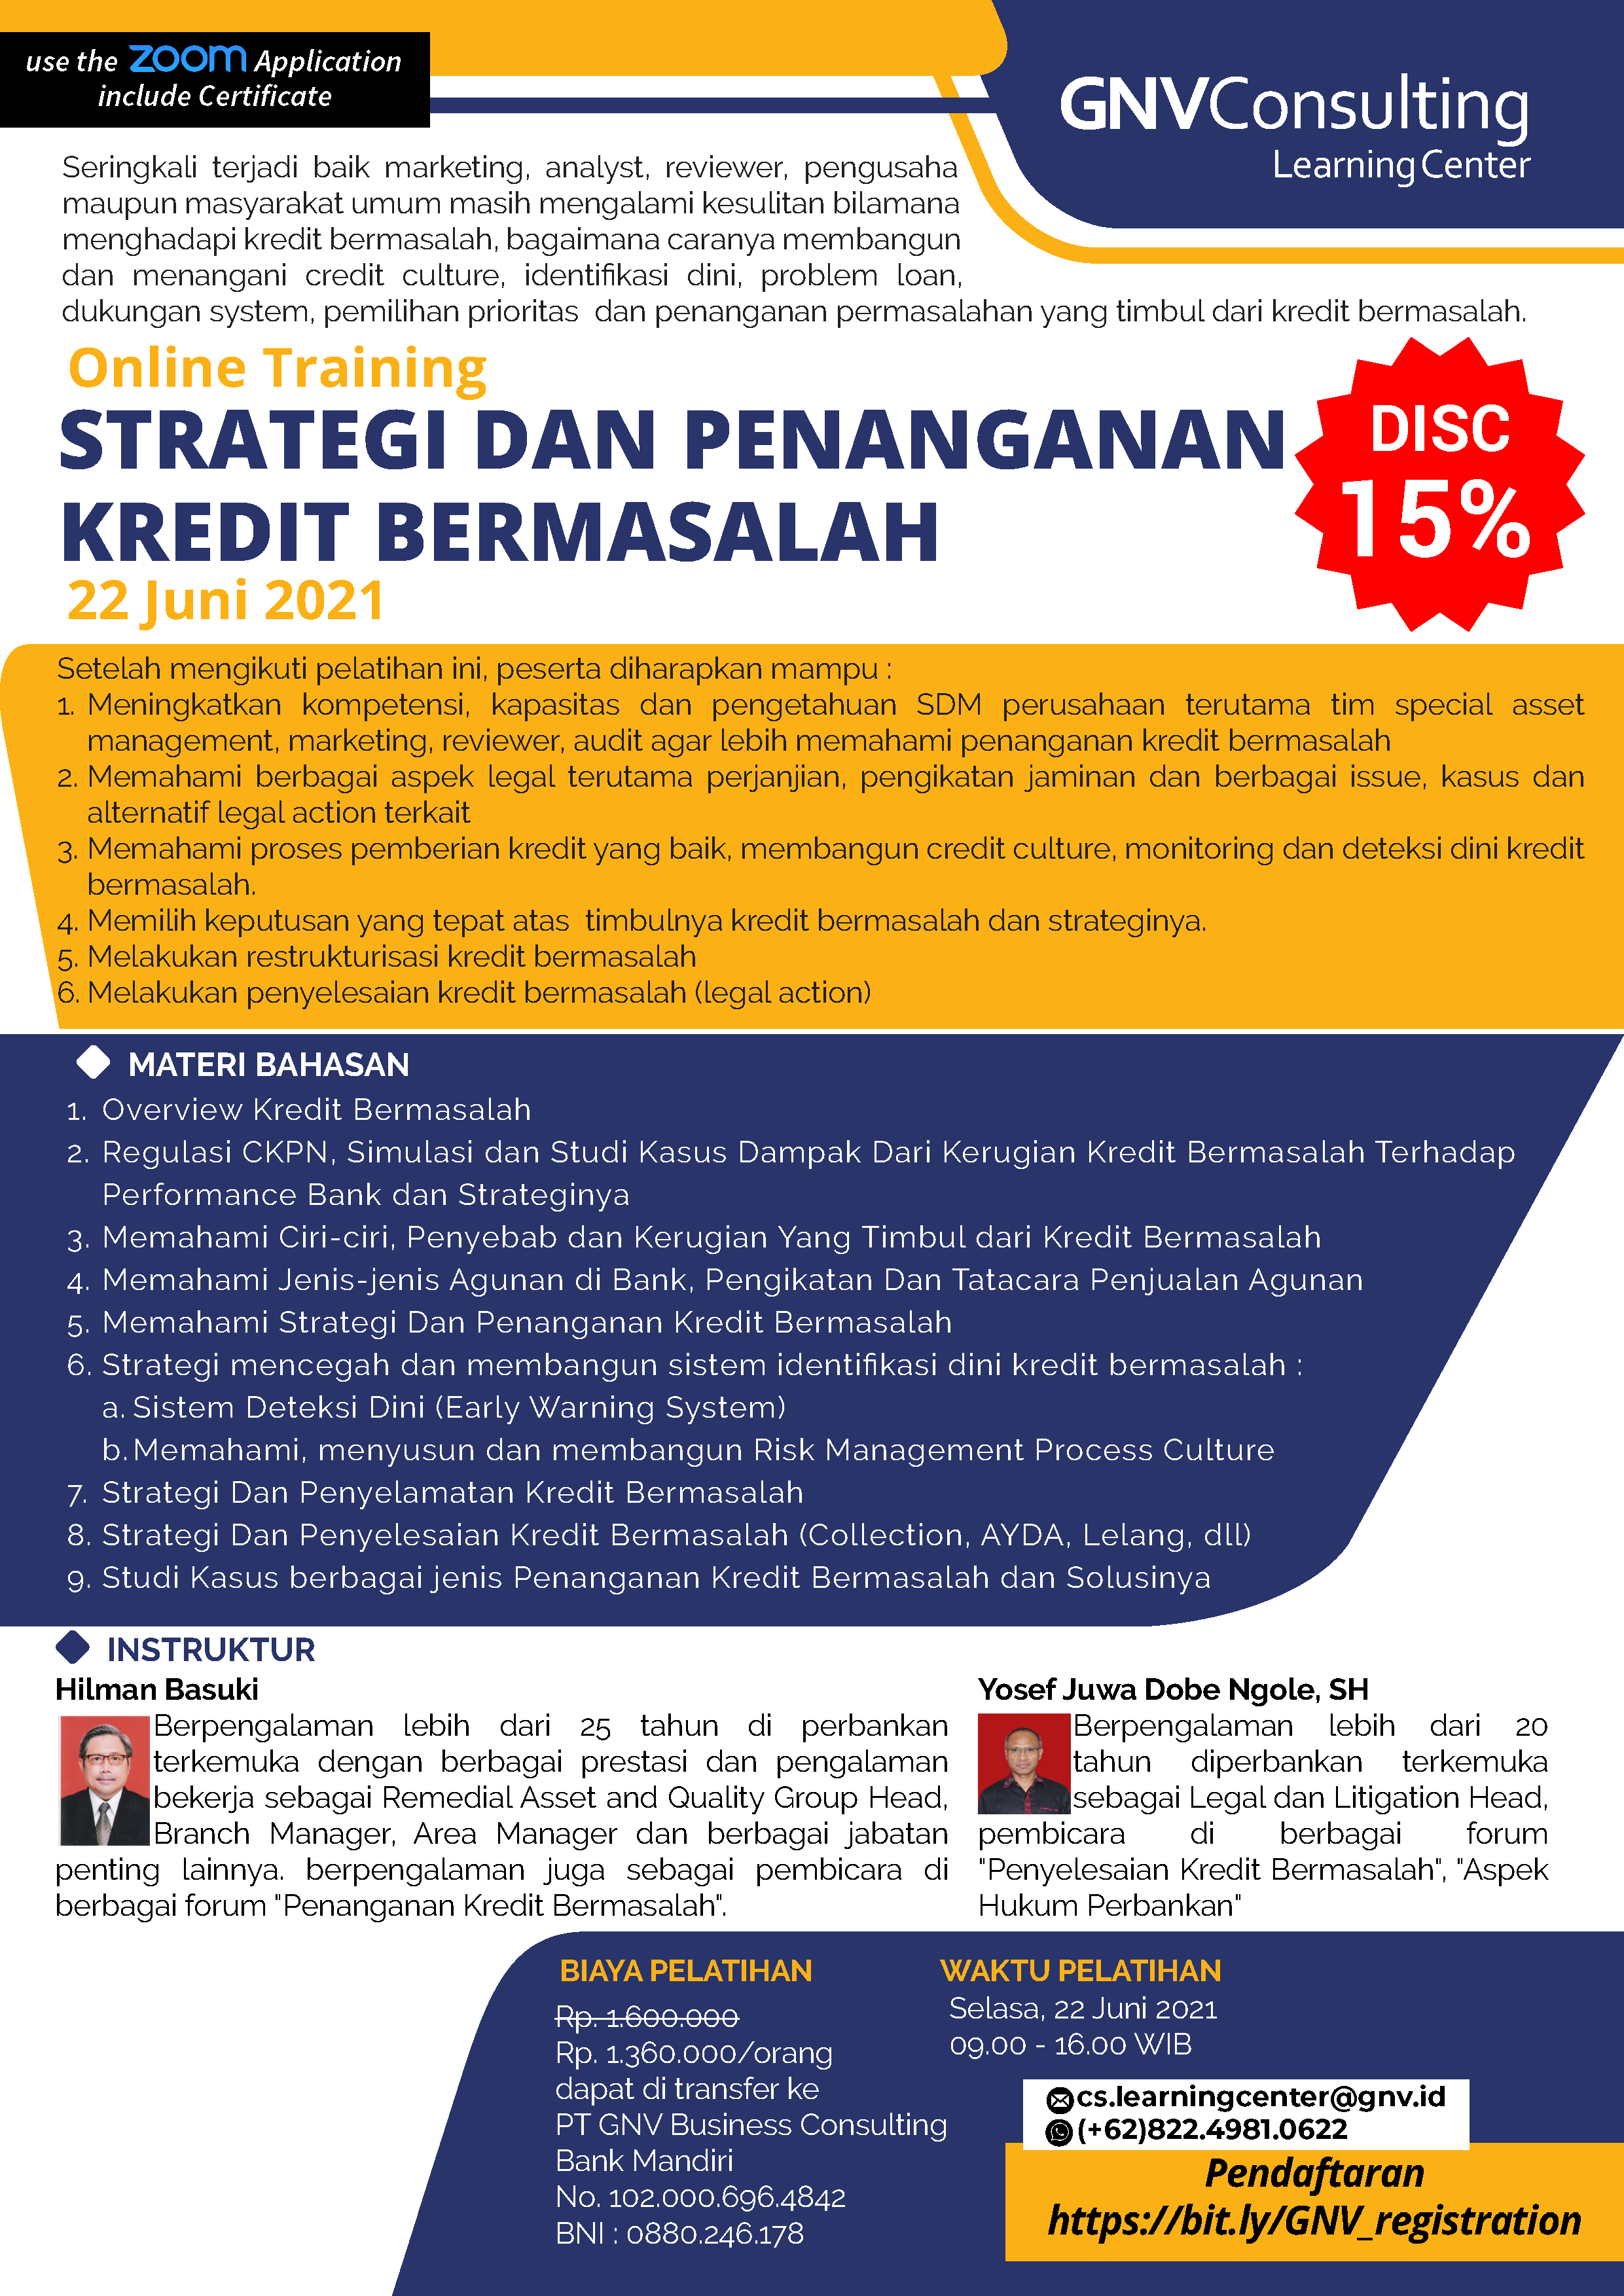 Strategi & Penanganan Kredit Bermasalah – Online Training